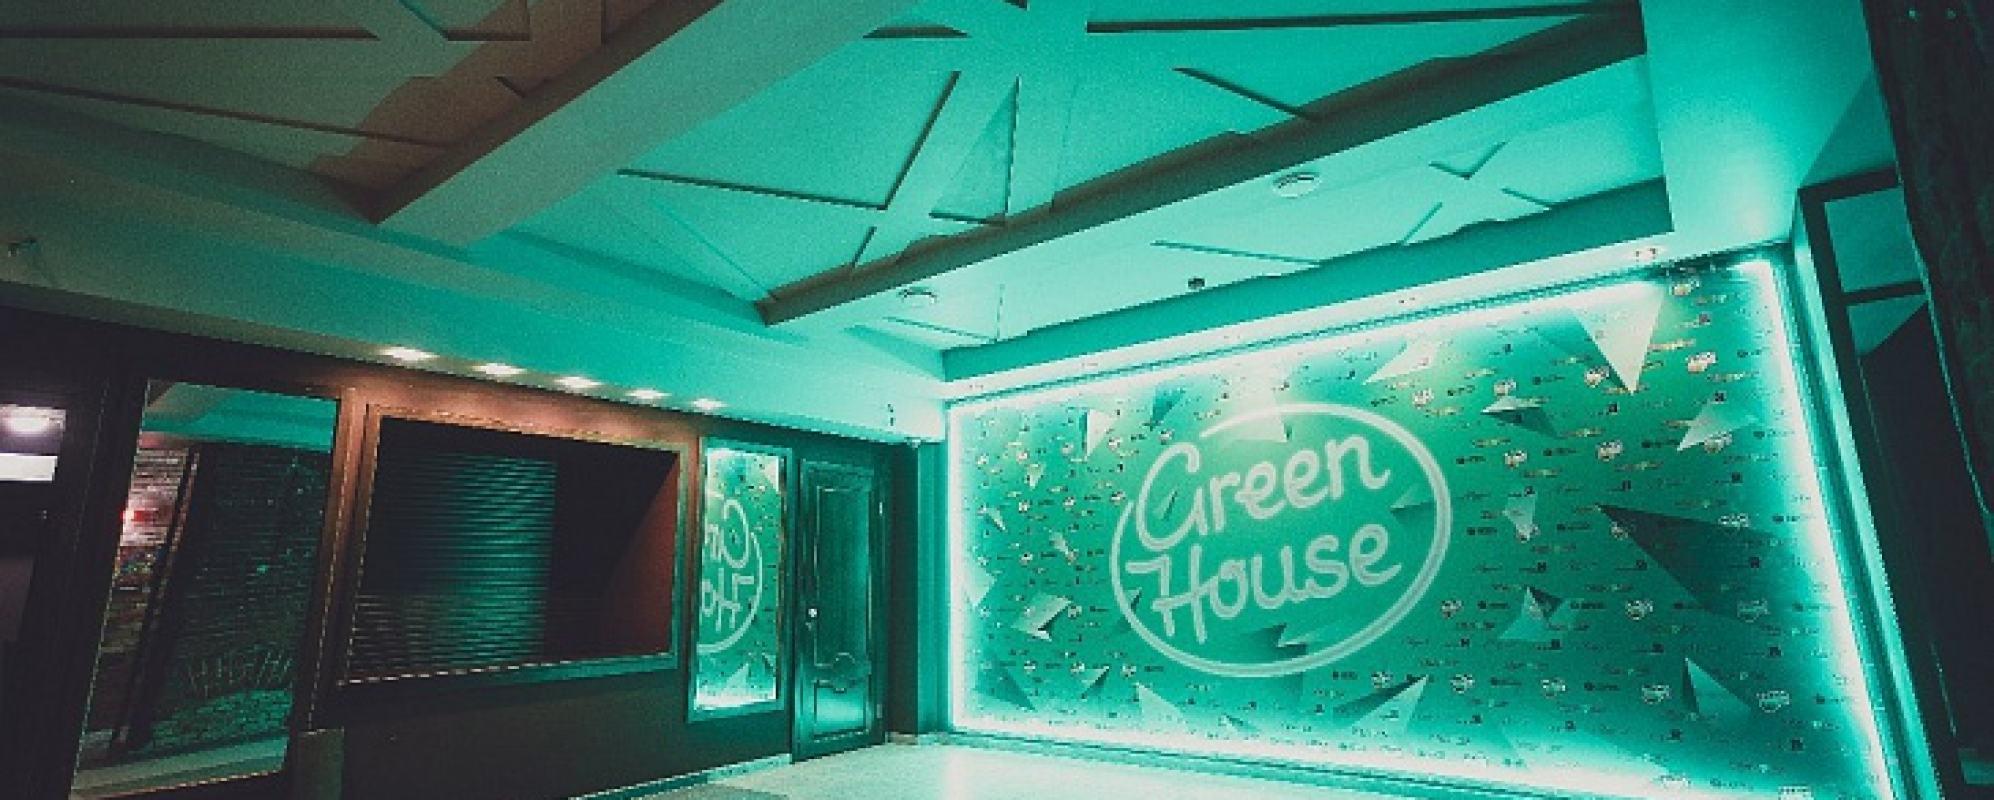 Ночной клуб в кирове грин хаус стрептиз видео в ночном клубе hd